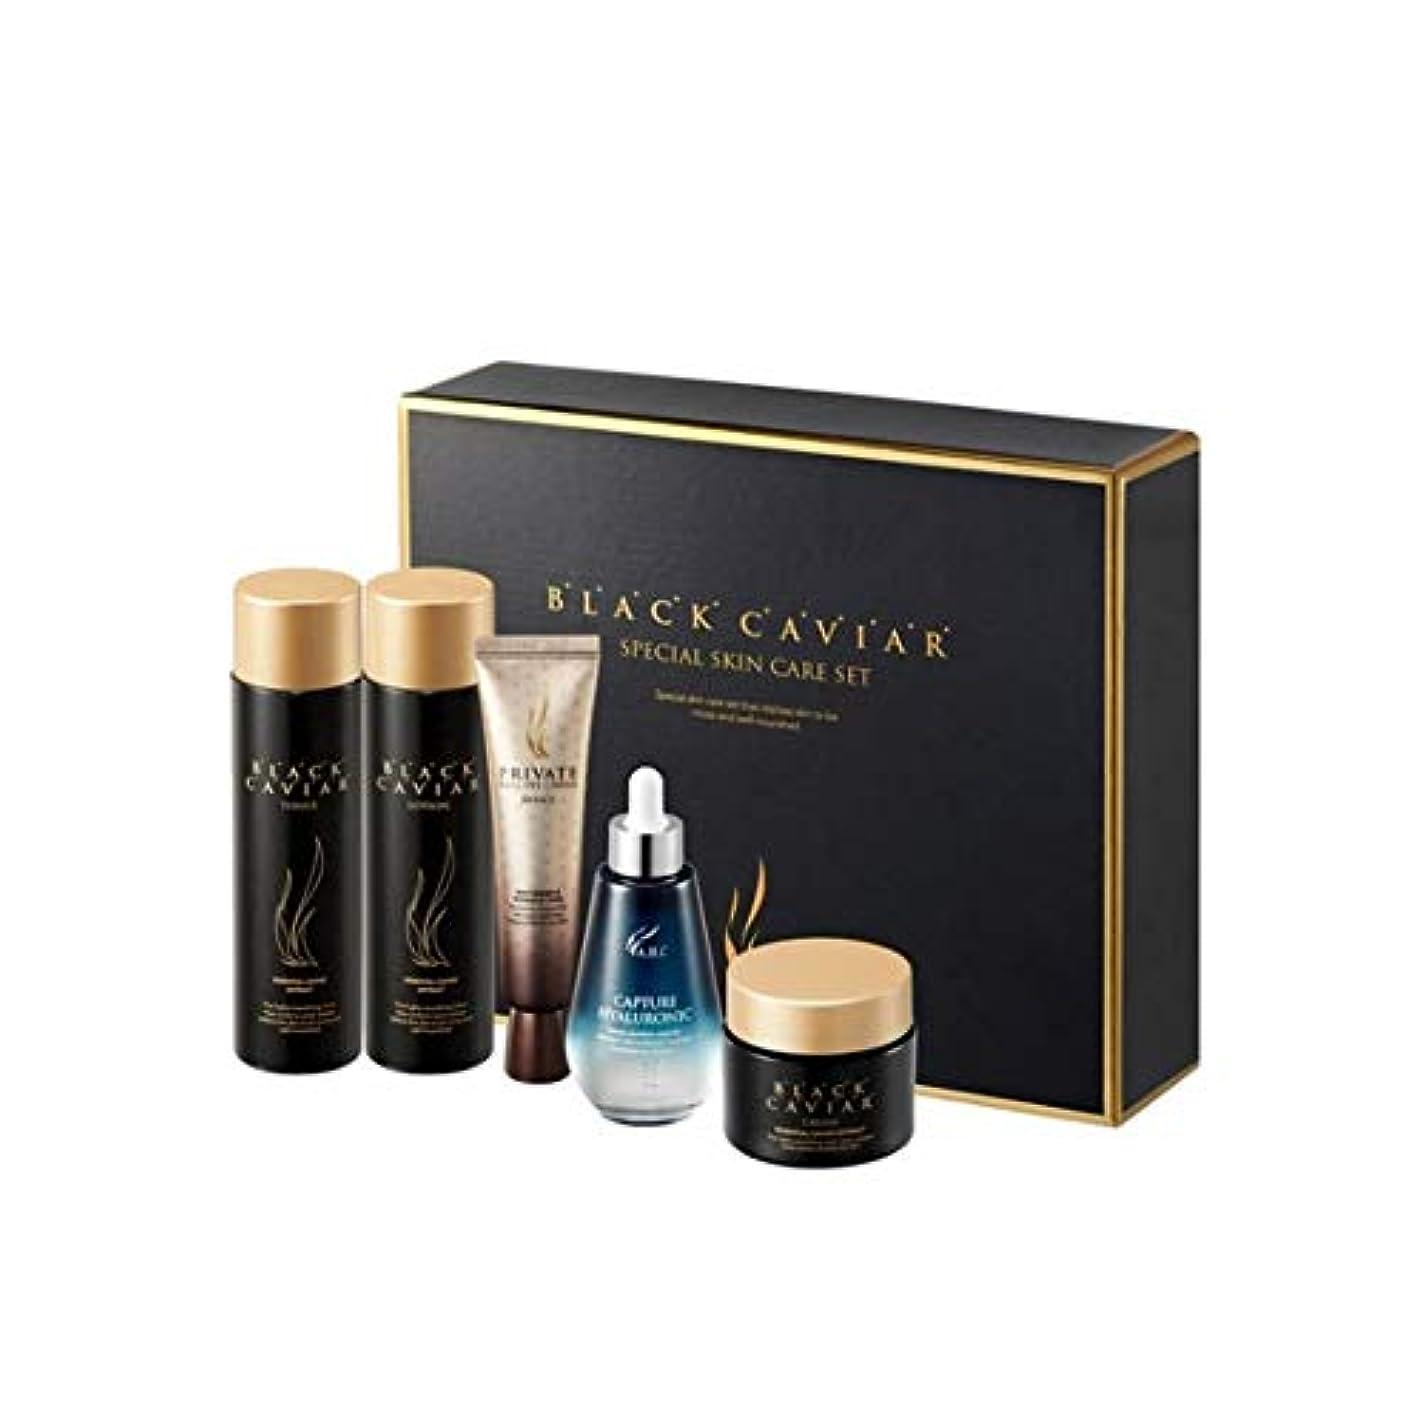 ピンチ嫌い忠実AHCブラックキャビアスキンケアセットトナーローションクリームアイクリームアンプル、AHC Black Caviar Skincare Set Toner Lotion Cream Eye Cream Ampoule [...